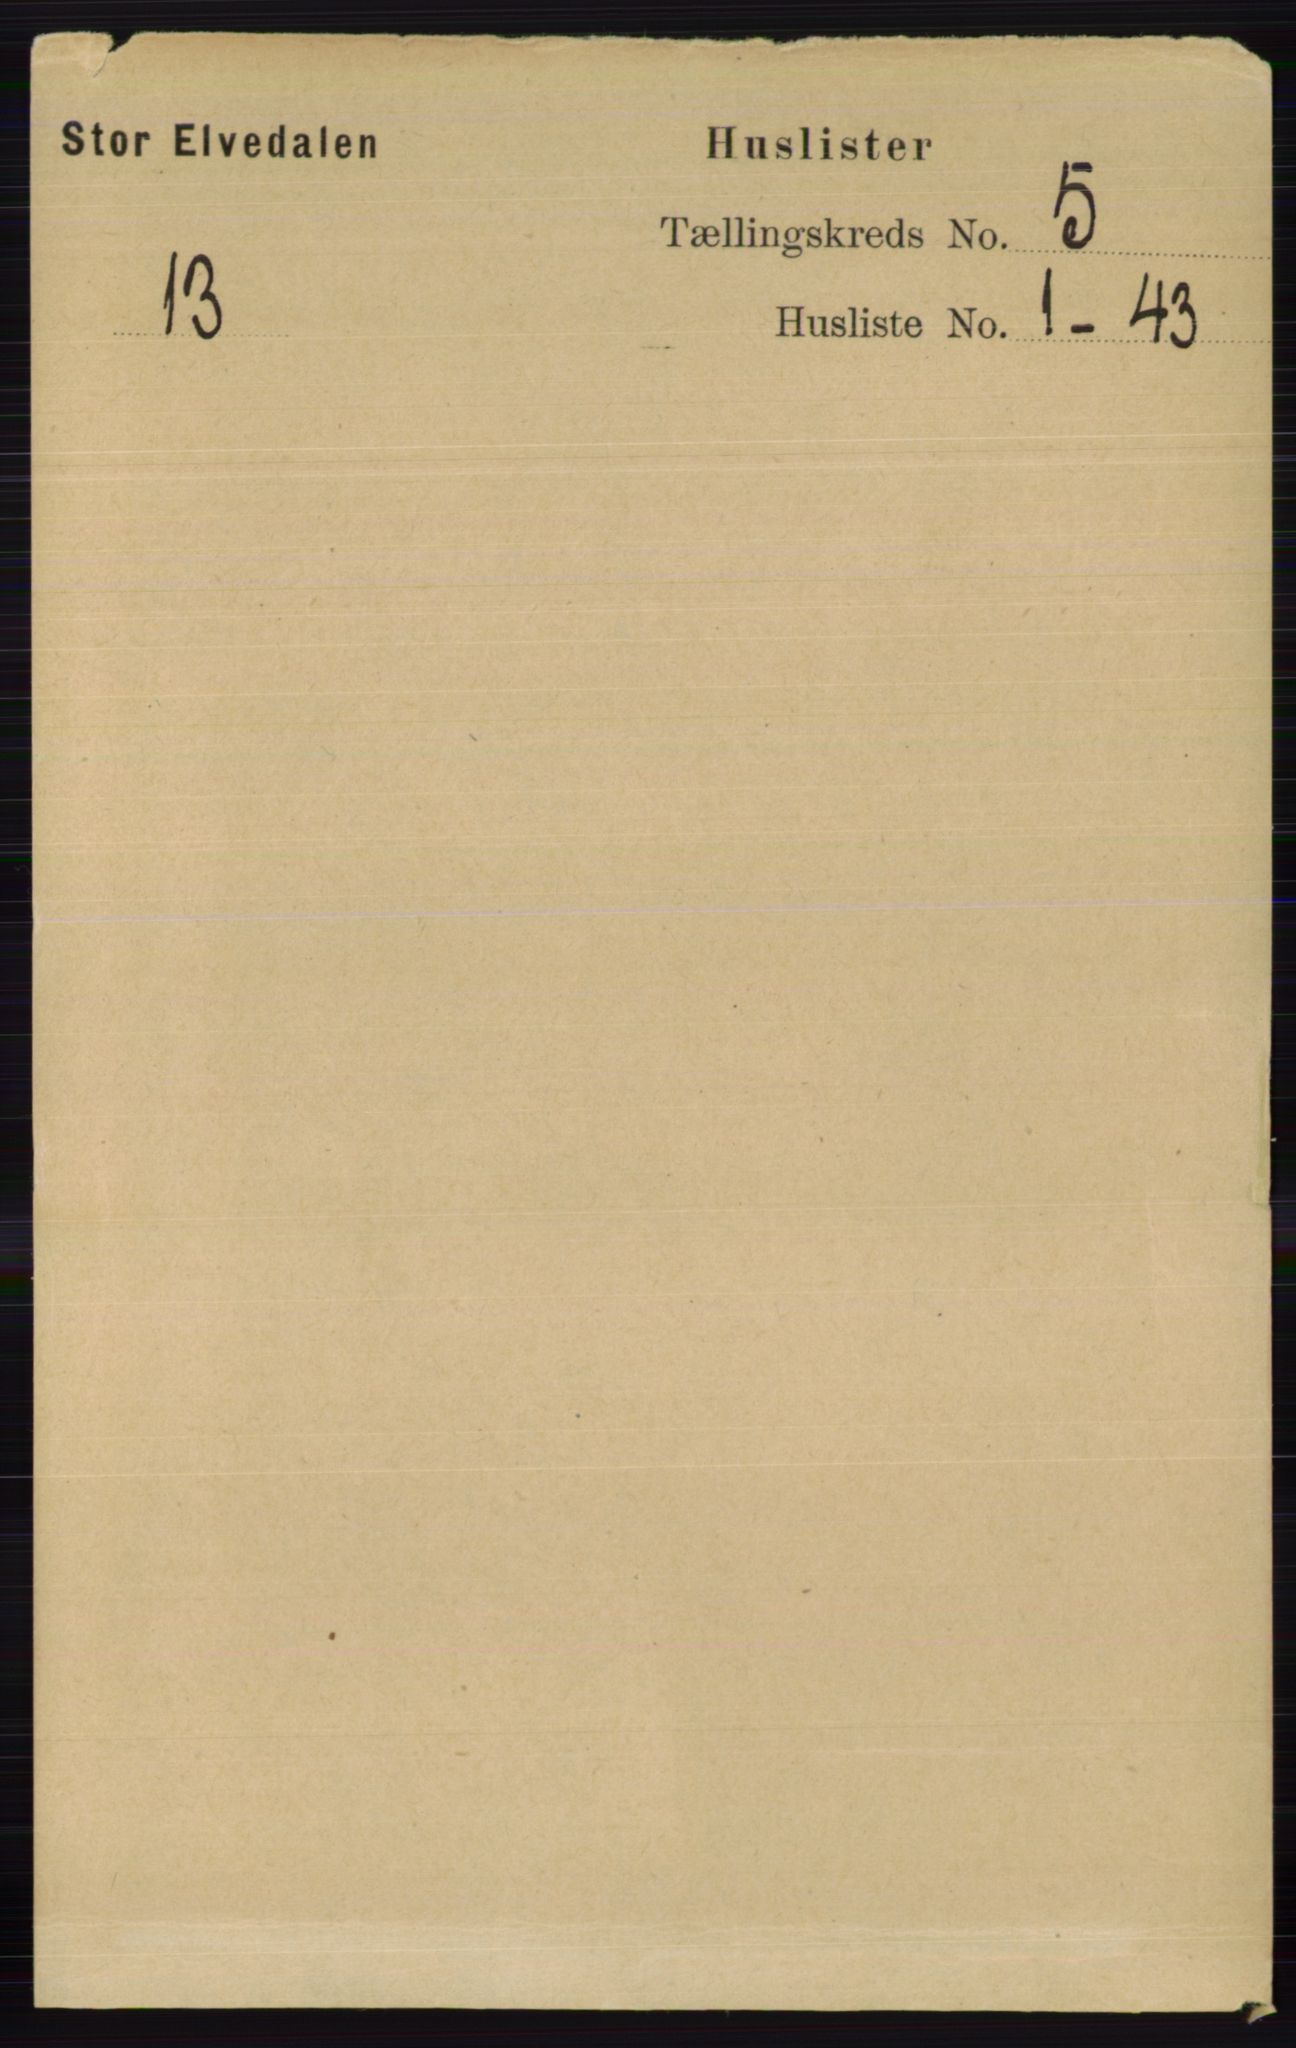 RA, Folketelling 1891 for 0430 Stor-Elvdal herred, 1891, s. 1668